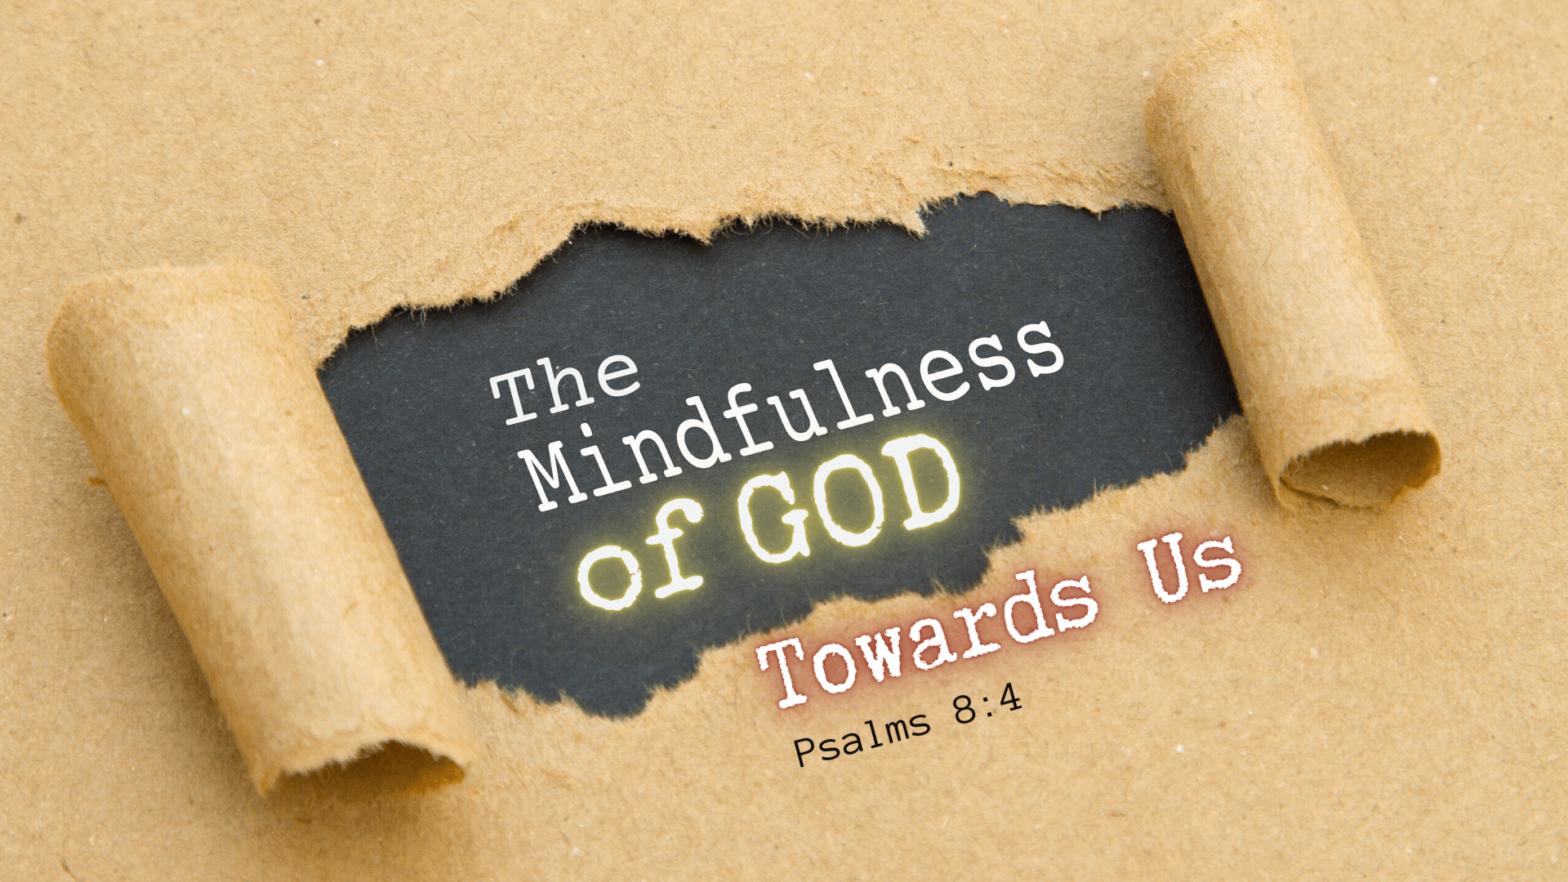 The Mindfulness of God Towards Us